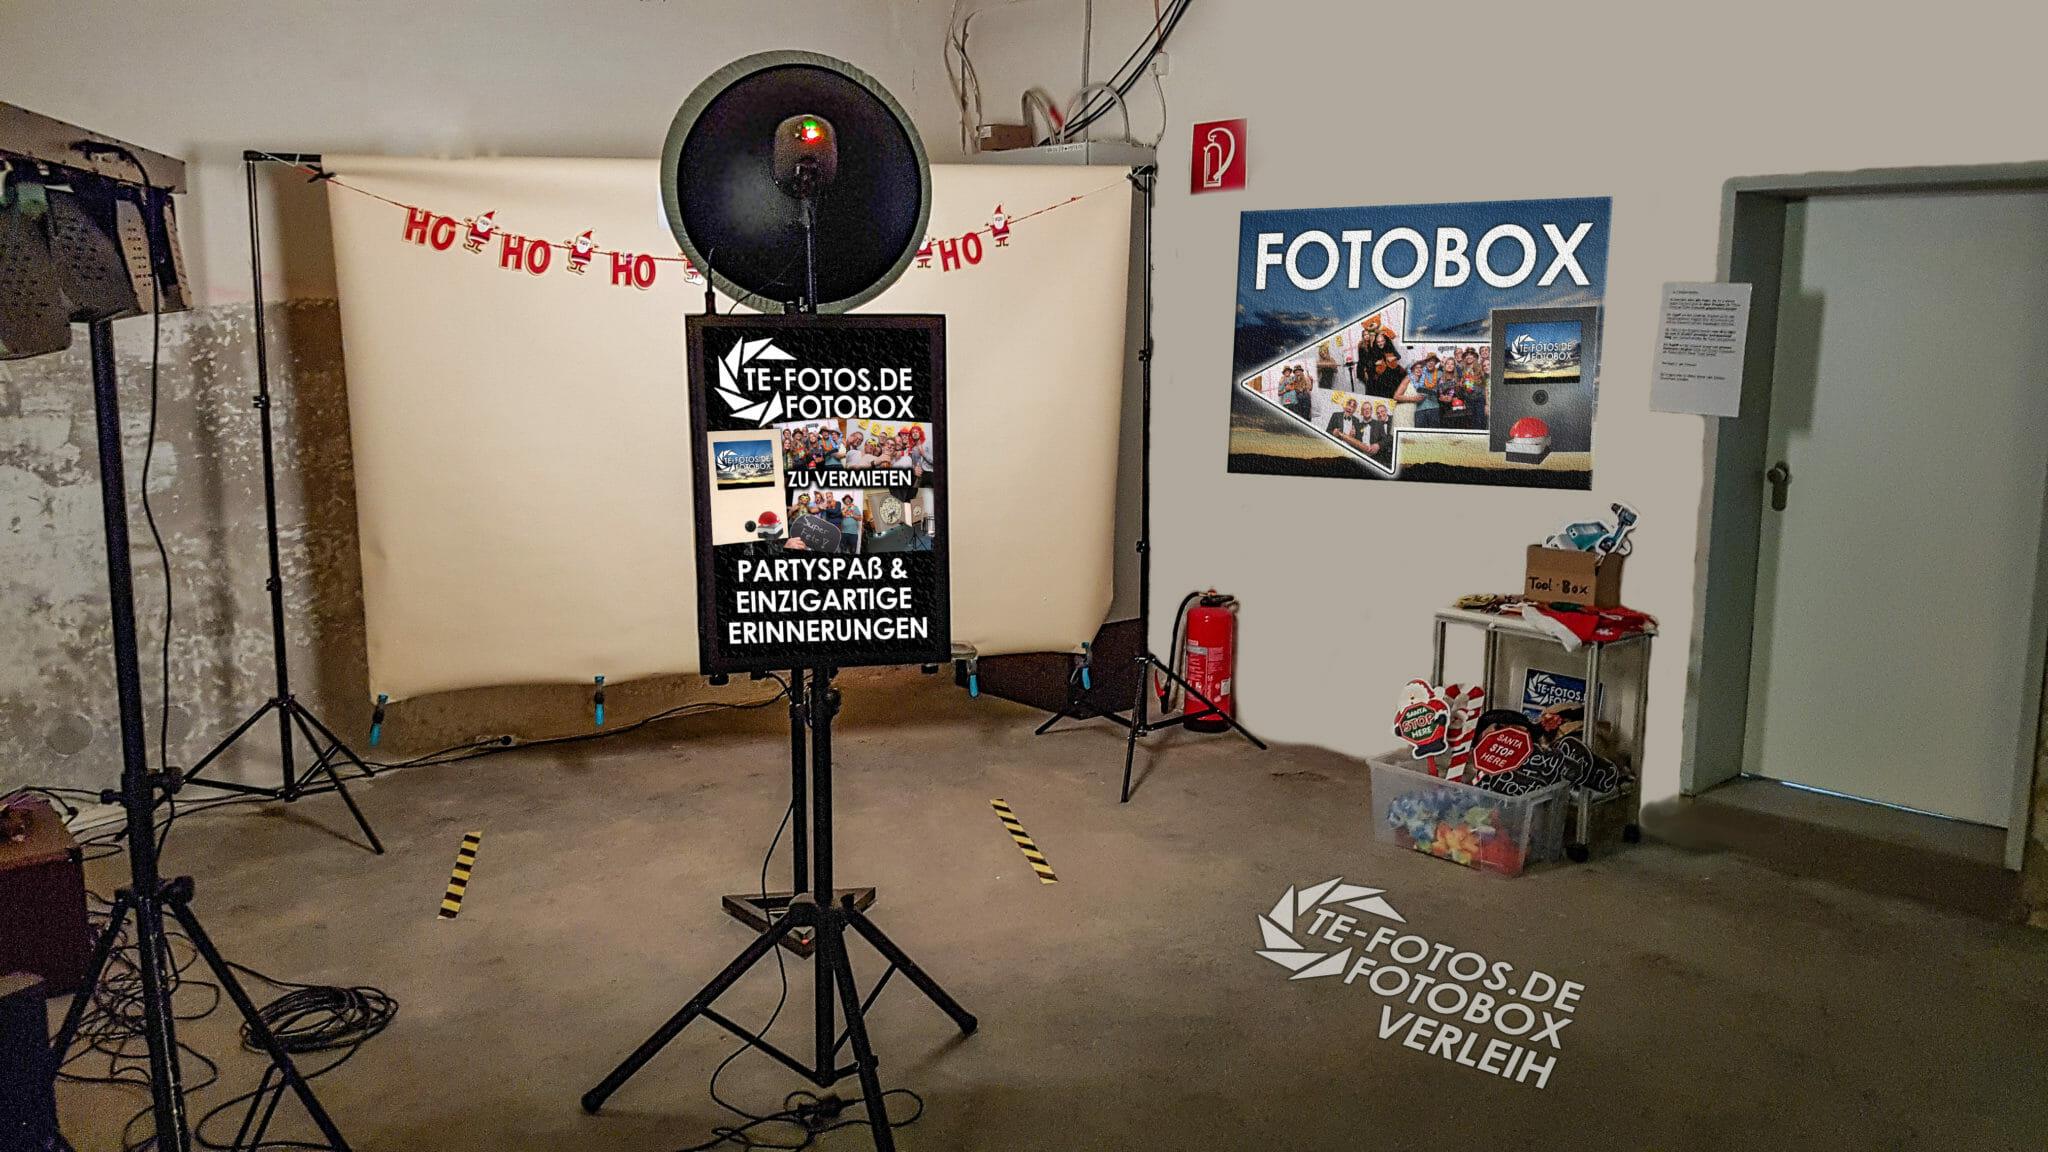 Fotobox auf der Weihnachtsfeier von Robert Bosch Power Tools